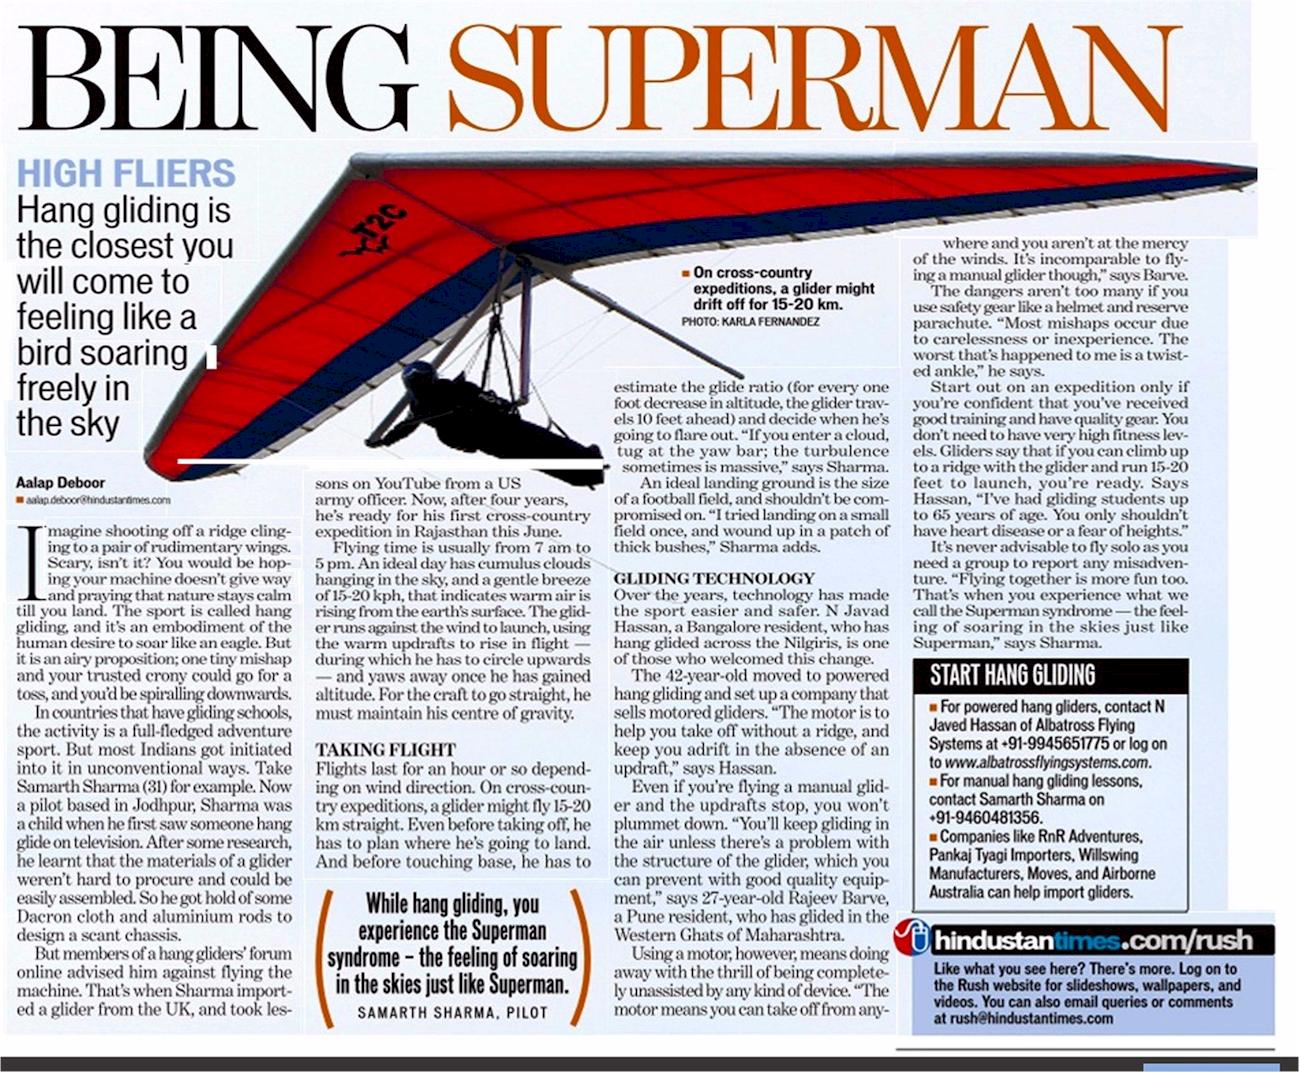 Hindustan Times May 2010